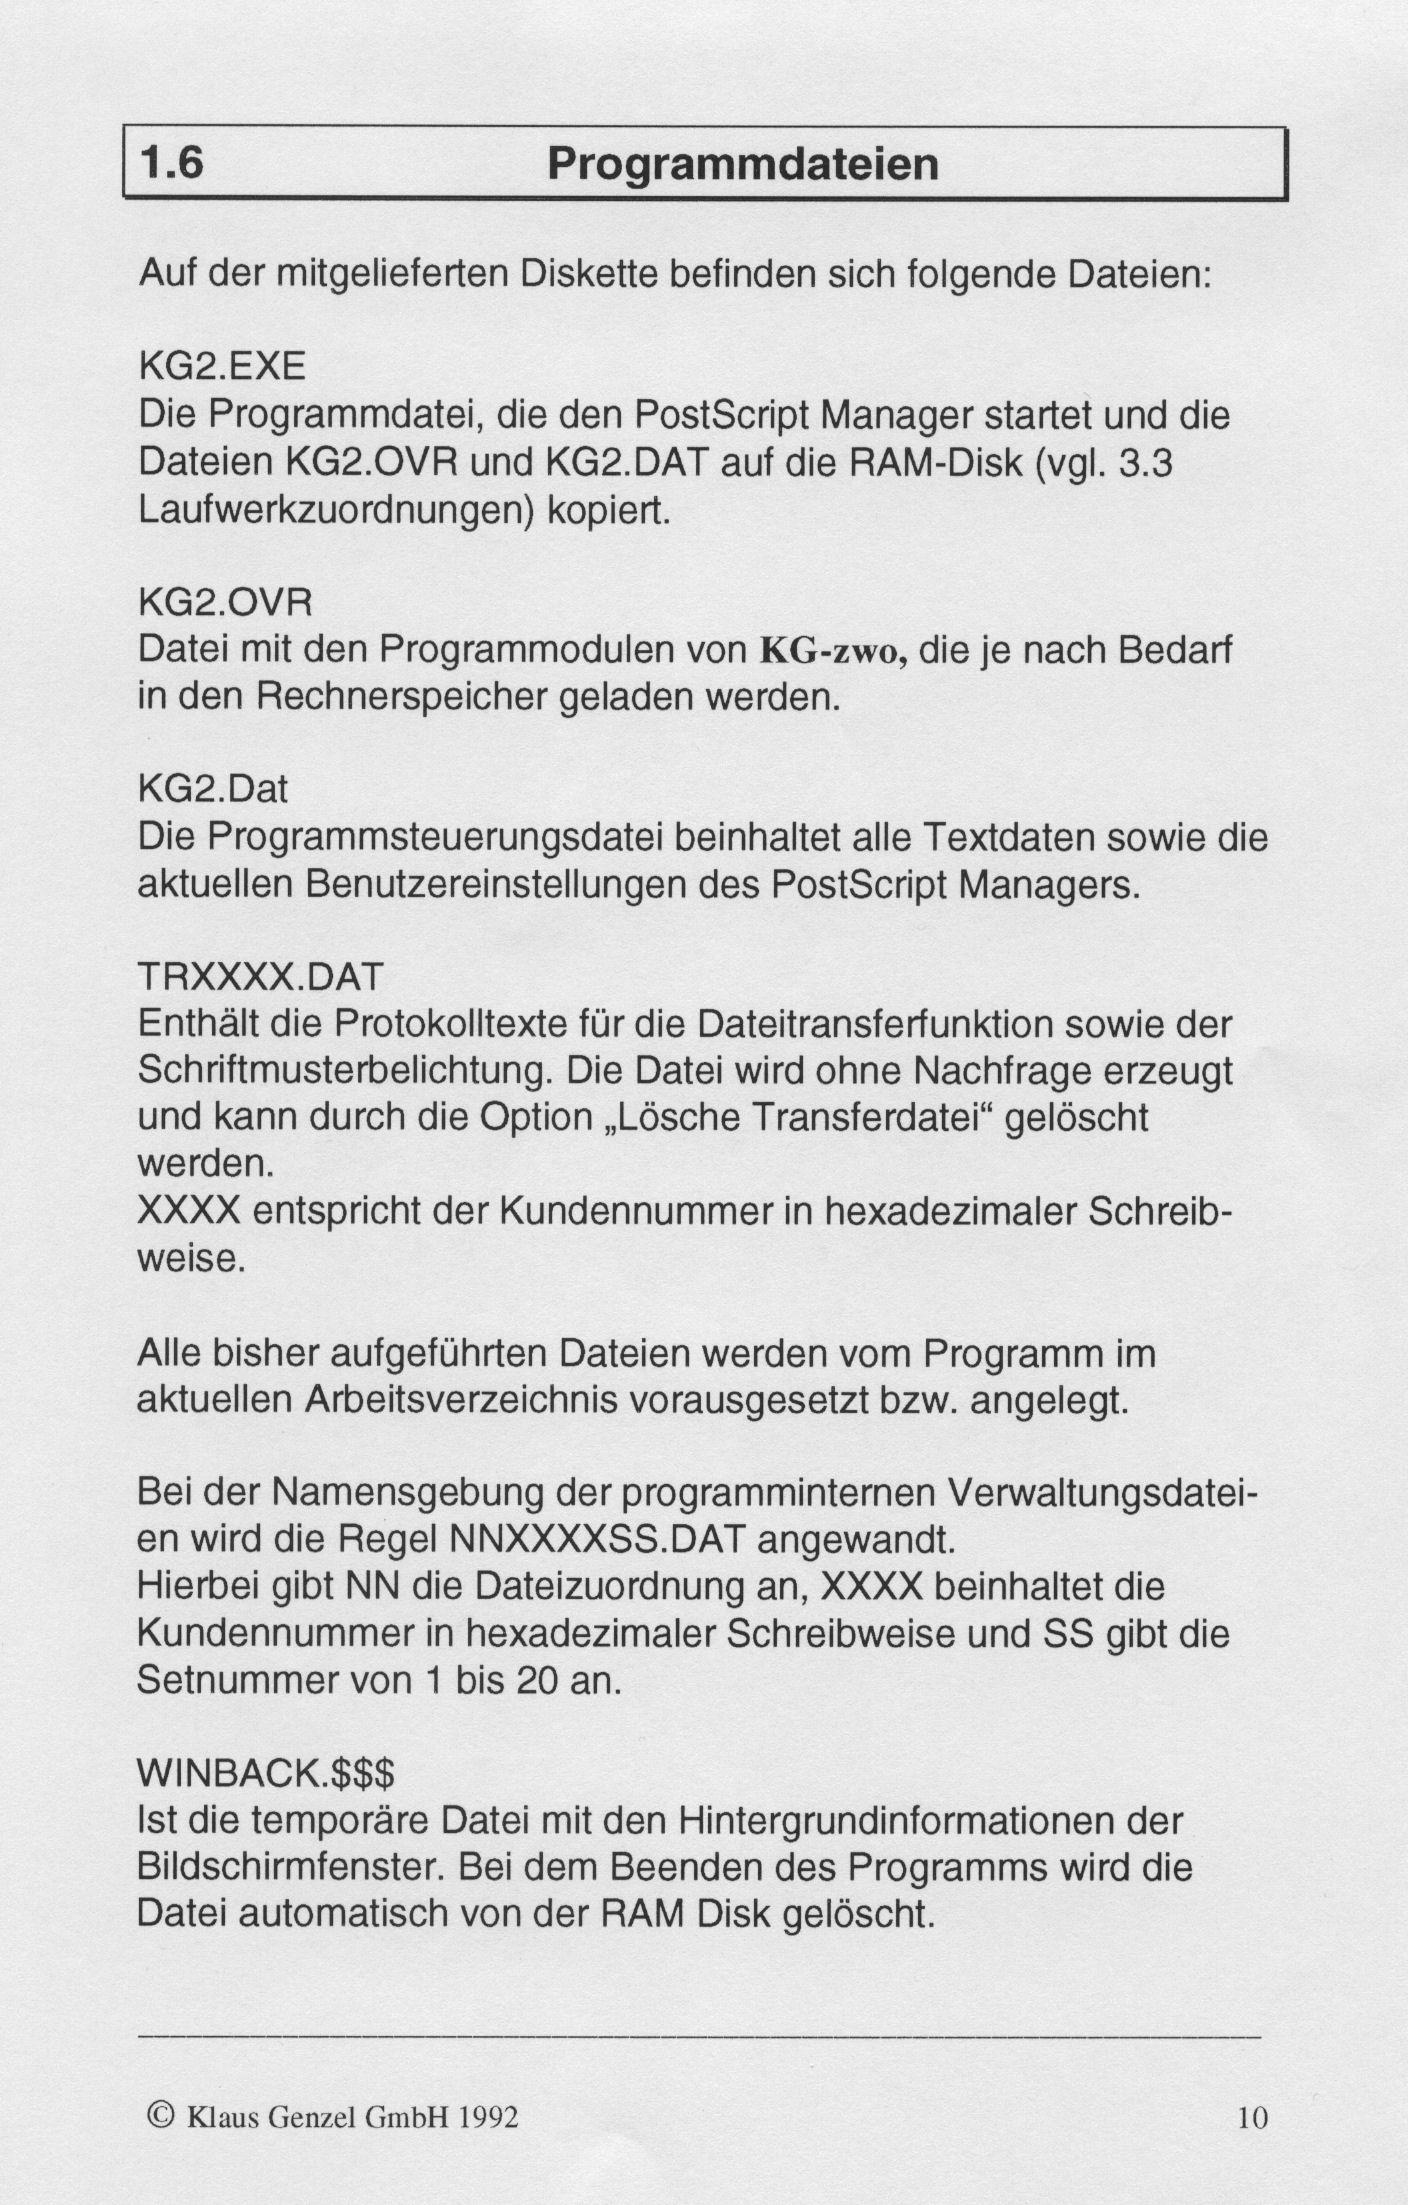 Groß Vorlage Für Handbuch Ideen - Beispielzusammenfassung Ideen ...